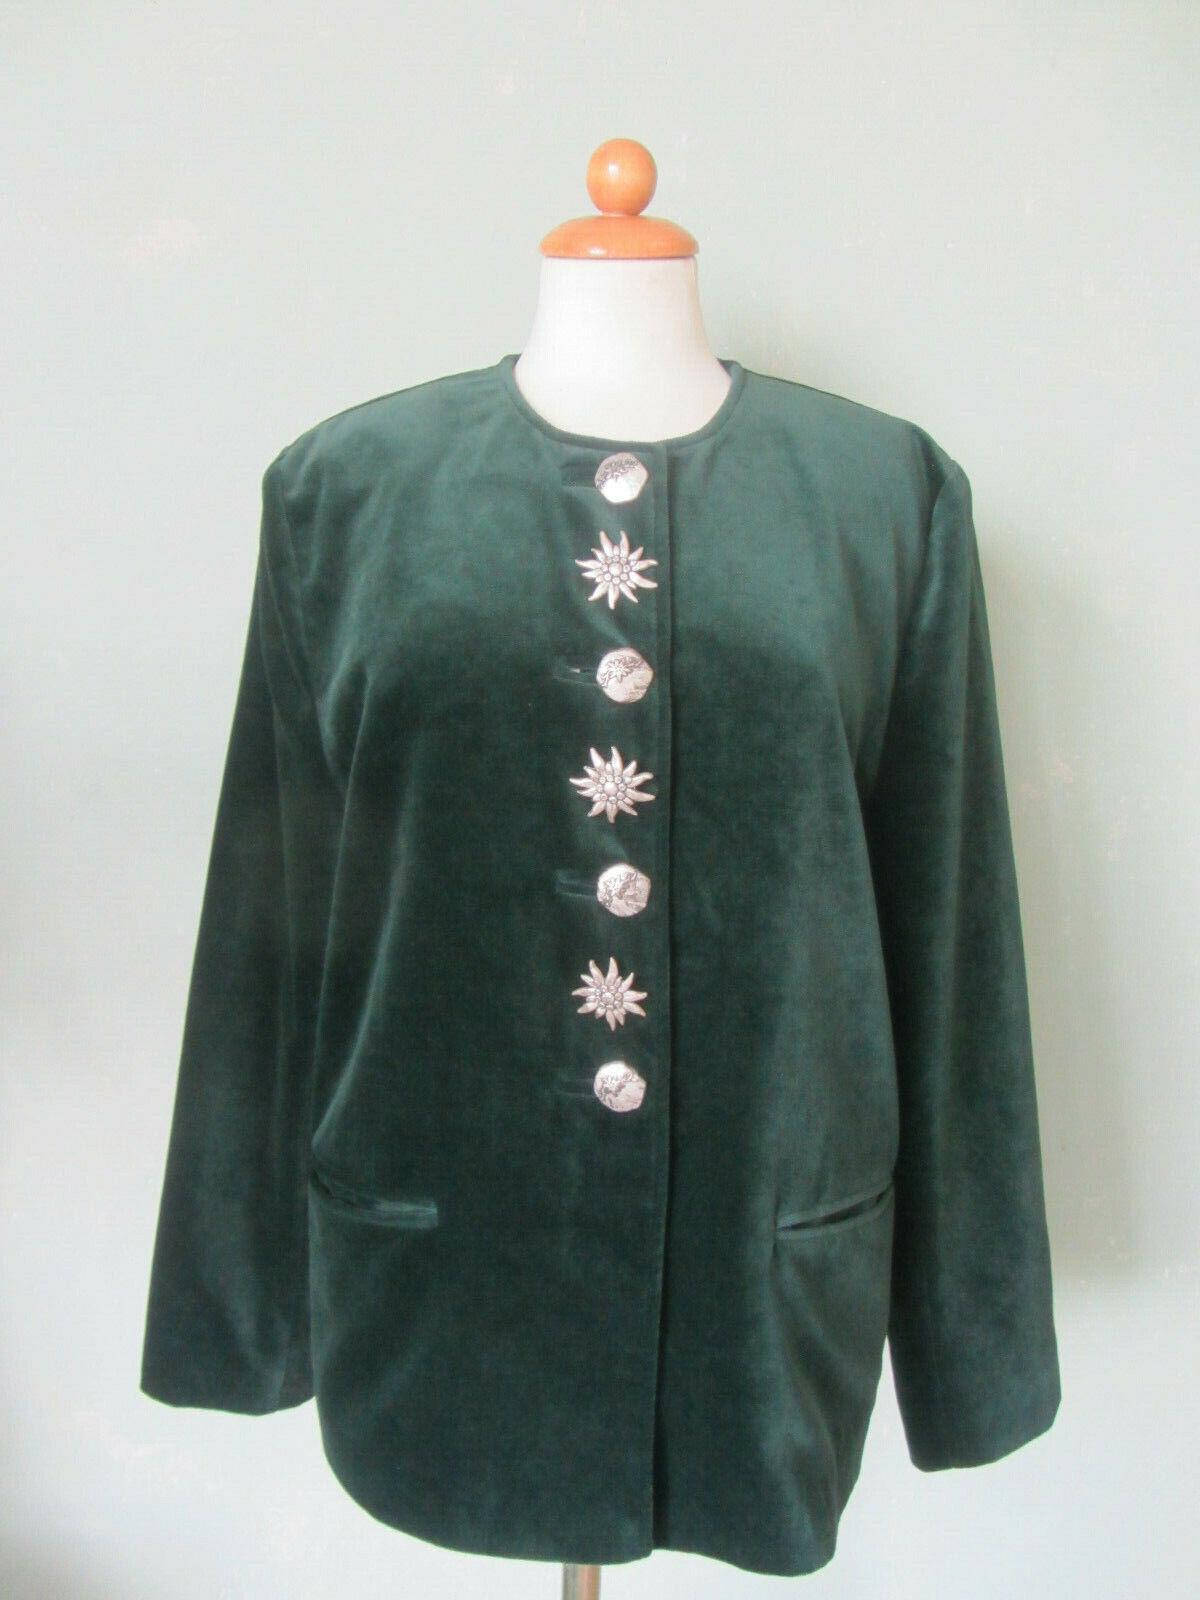 AMANN Trachtenjacke Jacke Trachten grün Samtjacke Größe 40 L